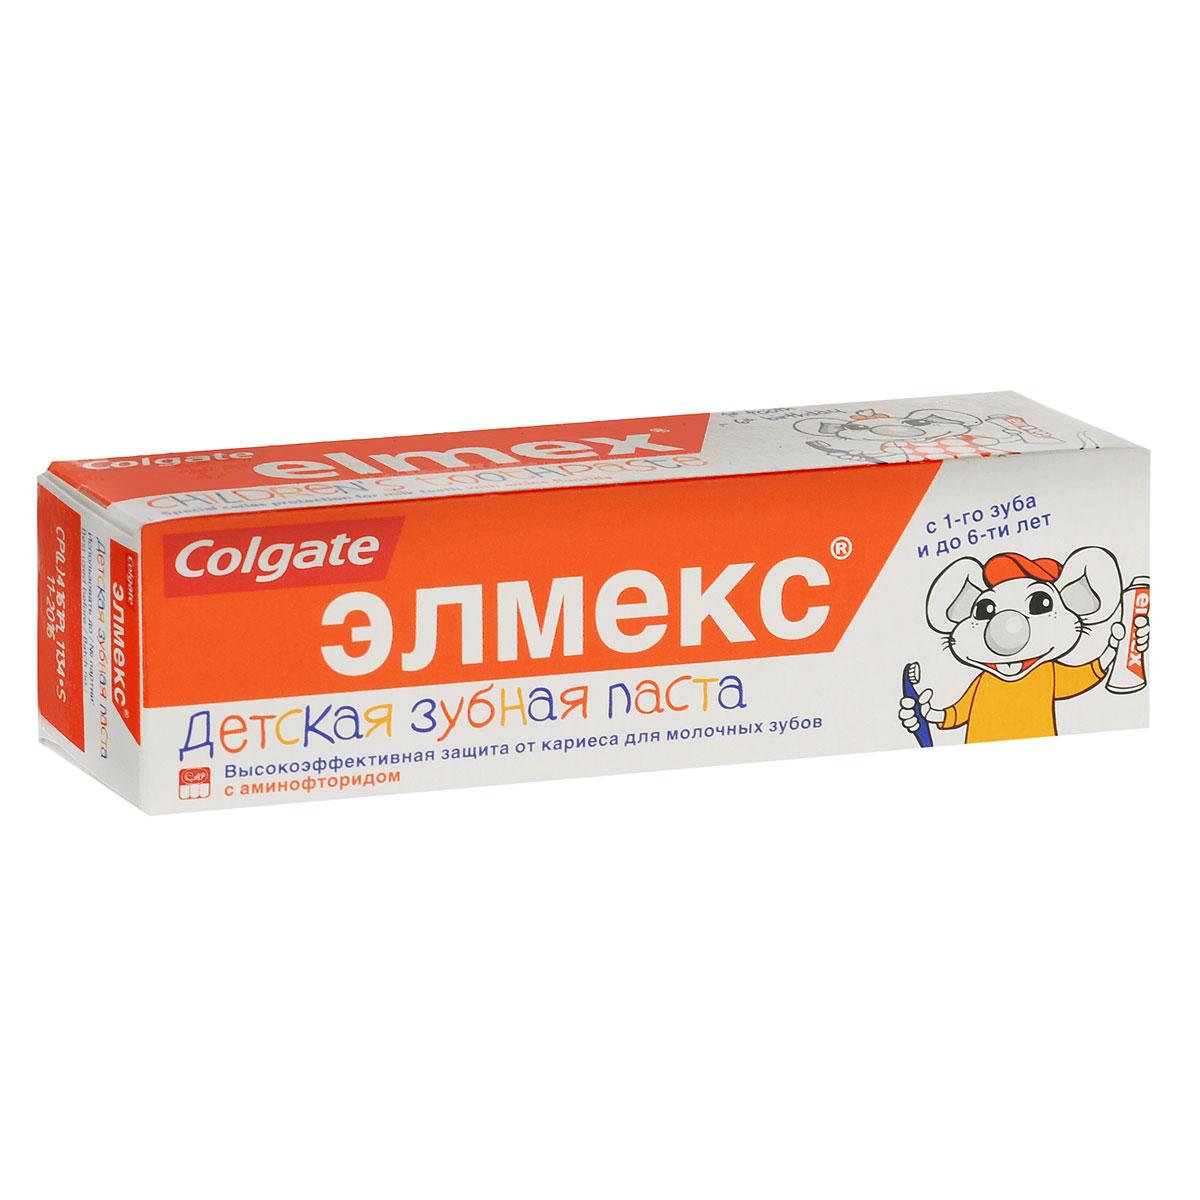 """Colgate Детская зубная паста """"Элмекс"""", для молочных зубов, с аминофторидом, с 1-го зуба до 6 лет, 50 мл 273891 / 282863"""